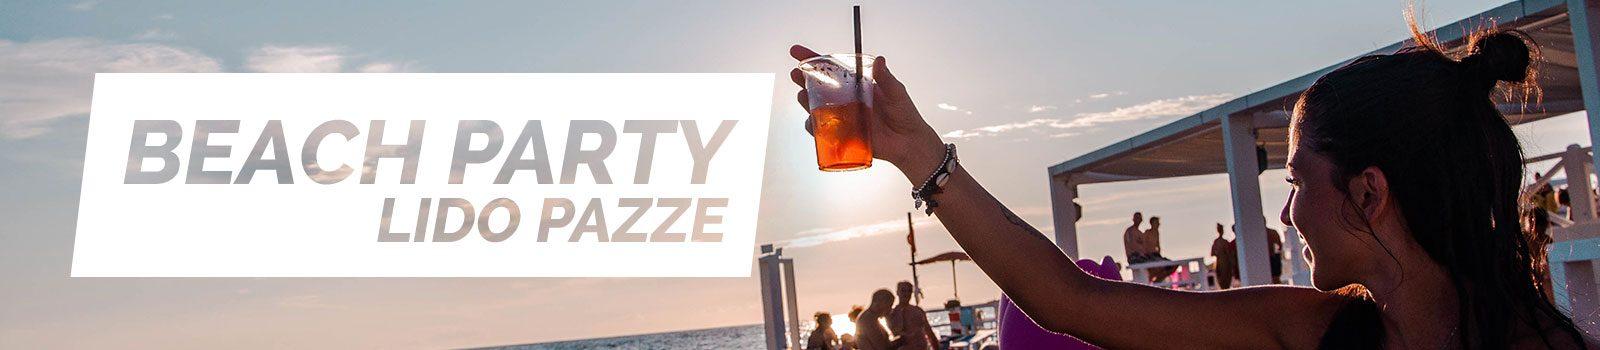 Beach Party a Lido Pazze - Vacanze in Salento